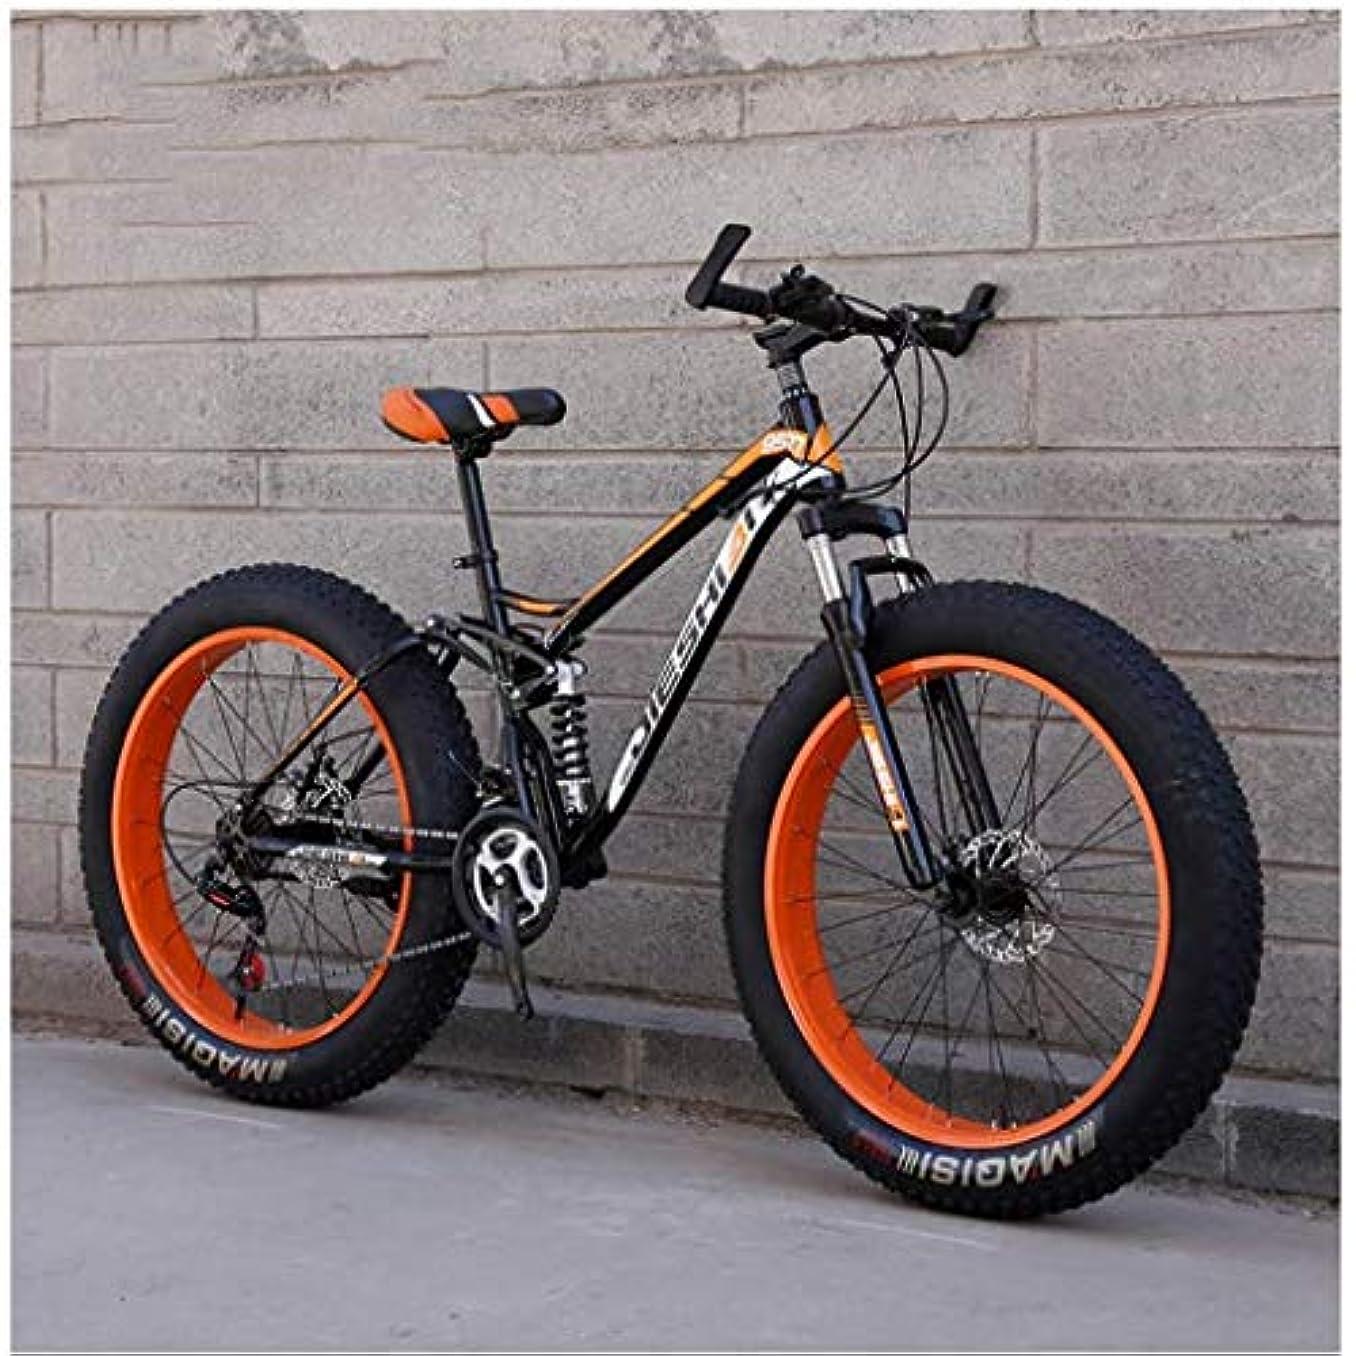 悪因子酸っぱいバレエ大人のマウンテンバイク、ビッグホイールダブルディスクブレーキファットタイヤバイクMTB剛性スチールフレーム、高炭素MTB男性/女性,Orange,26 Inch 24 Speed